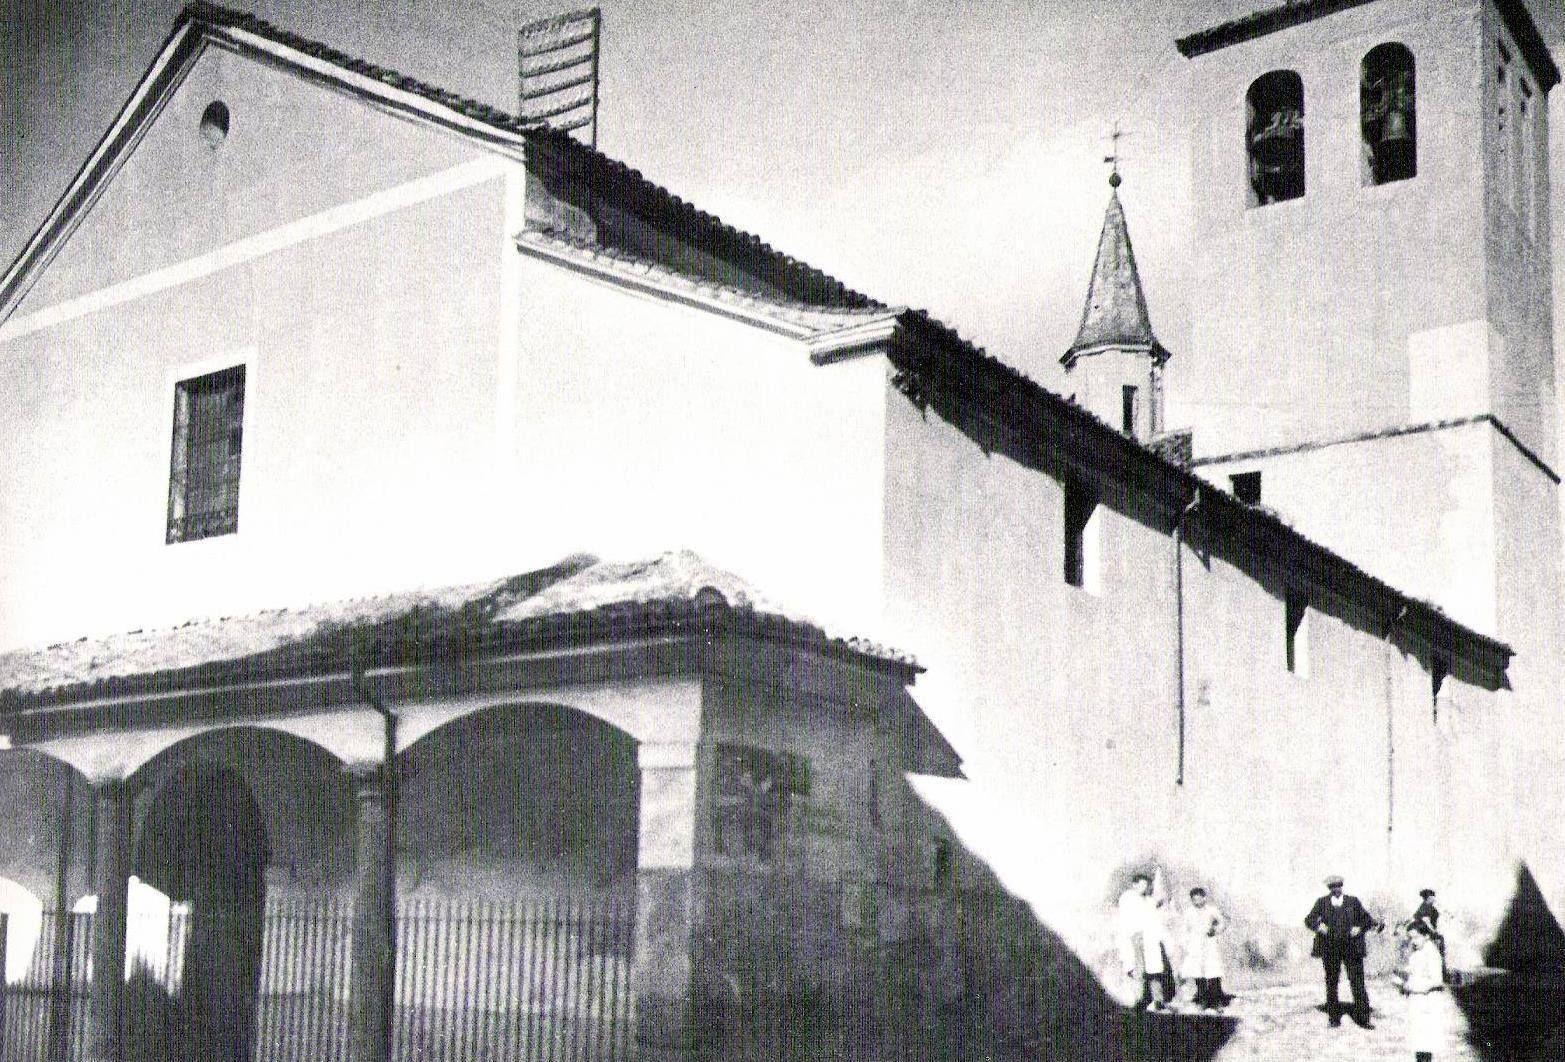 Iglesia de San Gil, situada antiguamente en la actual plaza del concejo. Si queréis contactar con Guiados, para gestionar visitas a Guadalajara o Alcalá de Henares, lo podéis hacer a través de la web www.guiadosenguadalajara.es o ✆ 679 97 65 03.